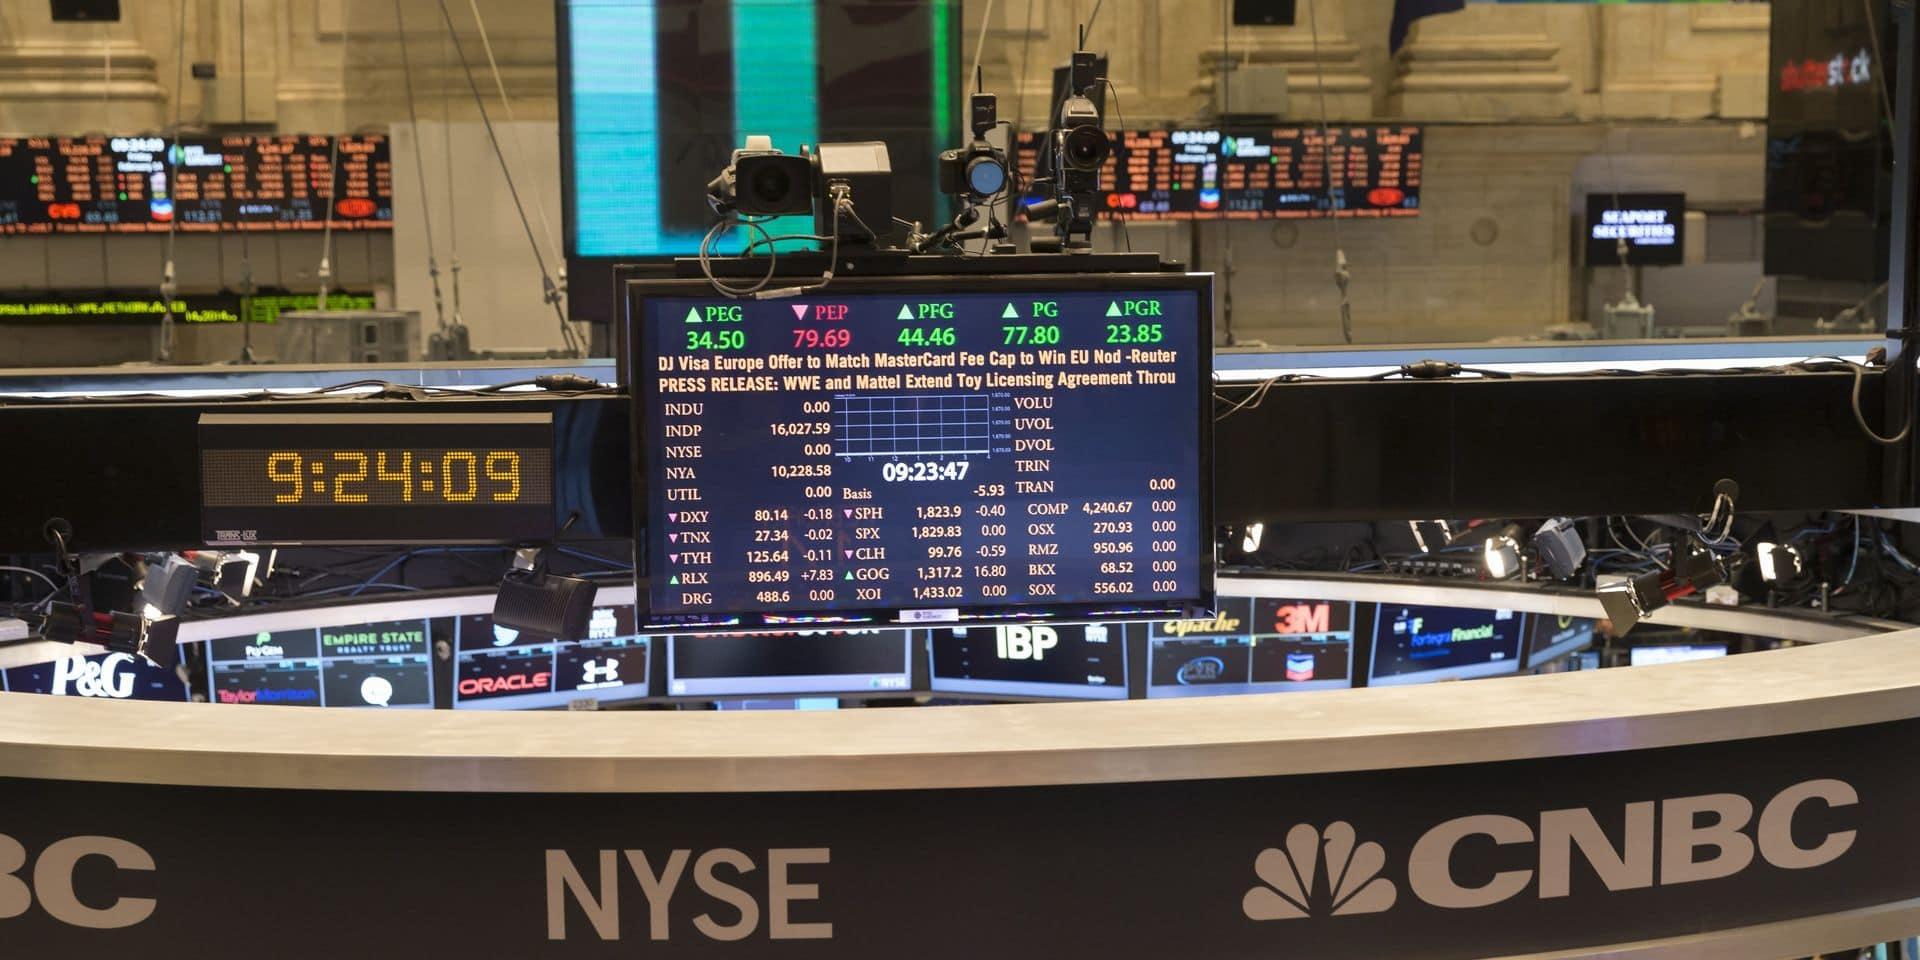 La Bourse de New York augmente, portée par de solides résultats d'entreprises